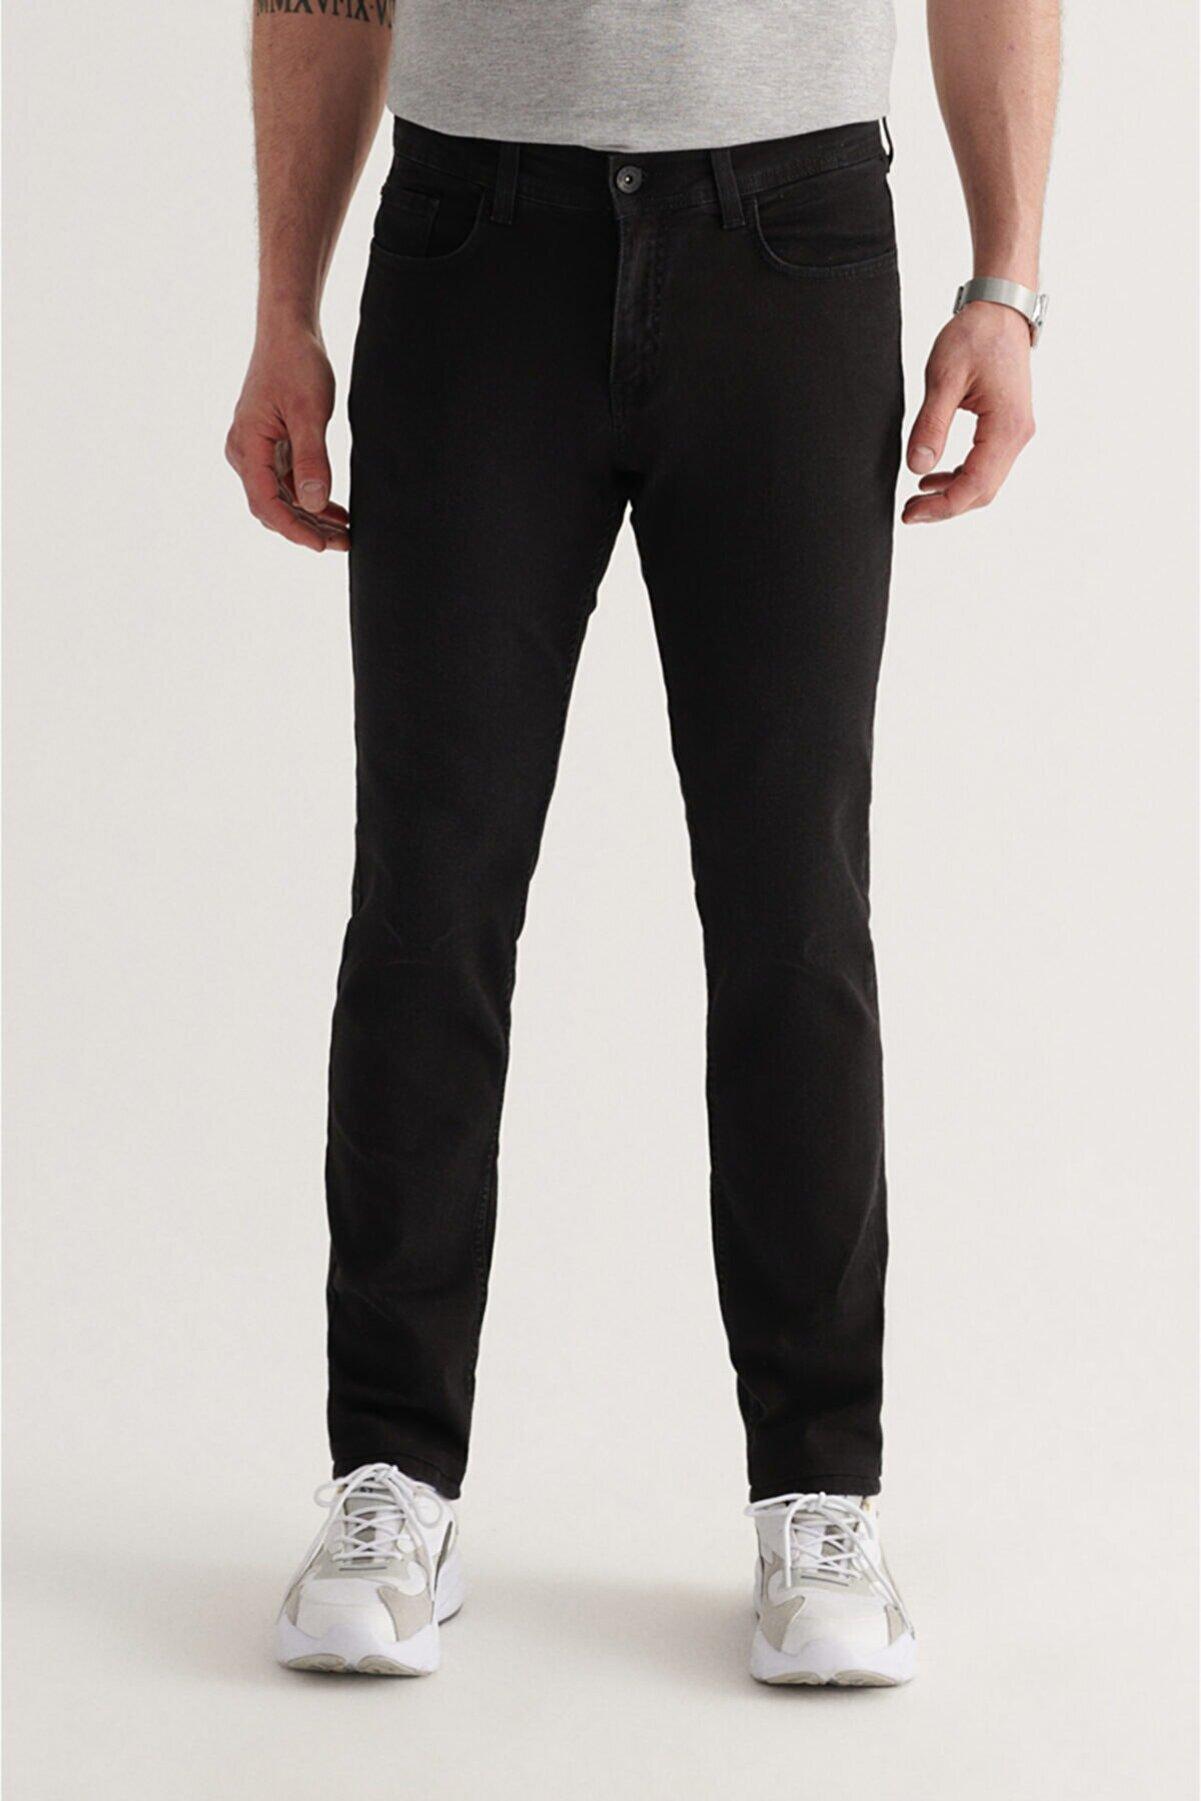 Avva Erkek Siyah Regular Fit Jean Pantolon A11y3703